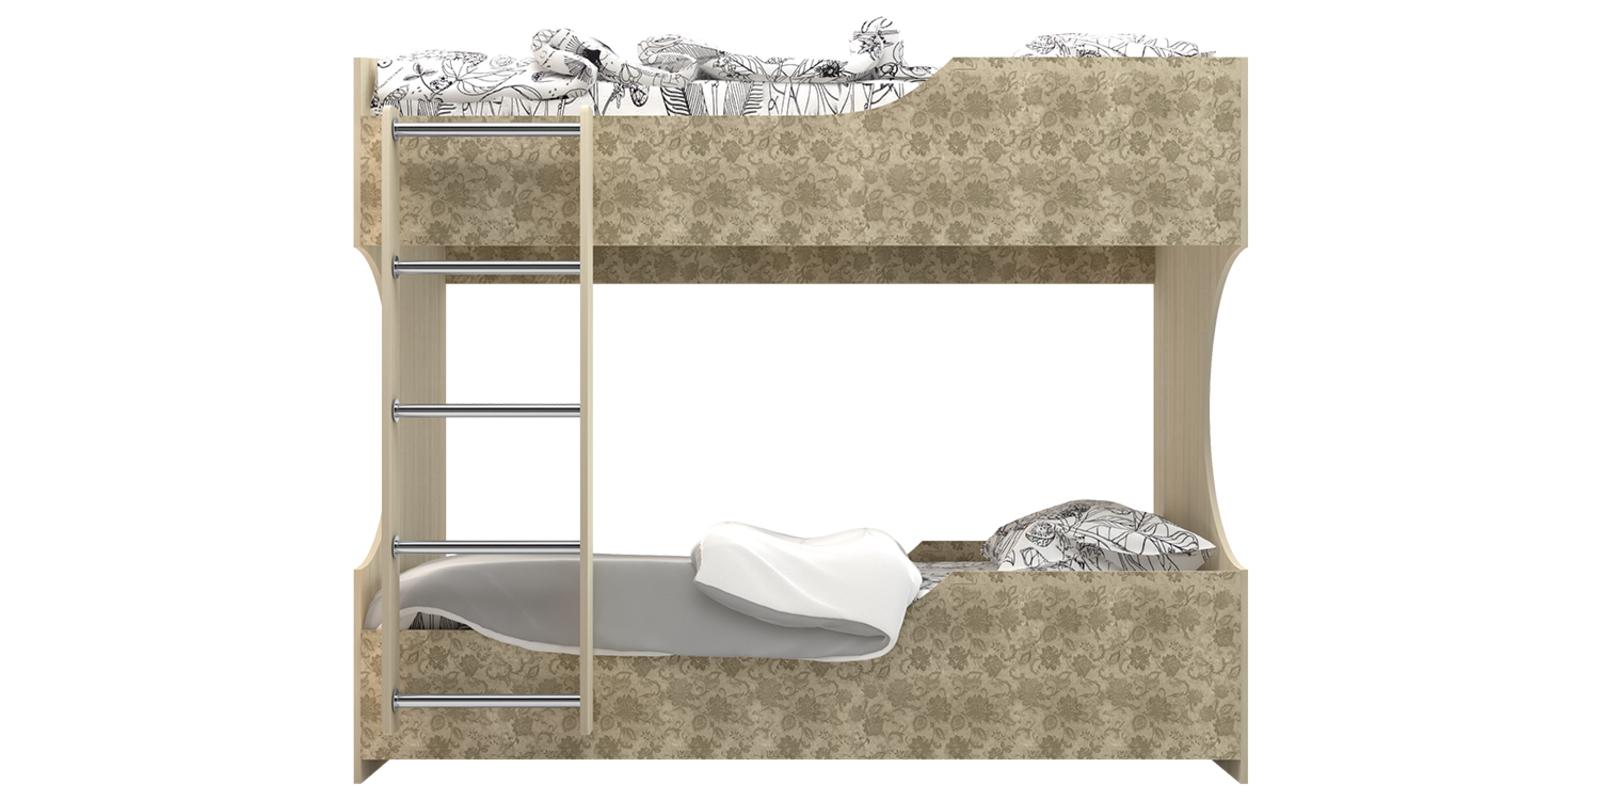 Кровать двухъярусная 90х200 см Дениз без подъемного механизма (Дуб молочный/Мейсен ваниль) от HomeMe.ru